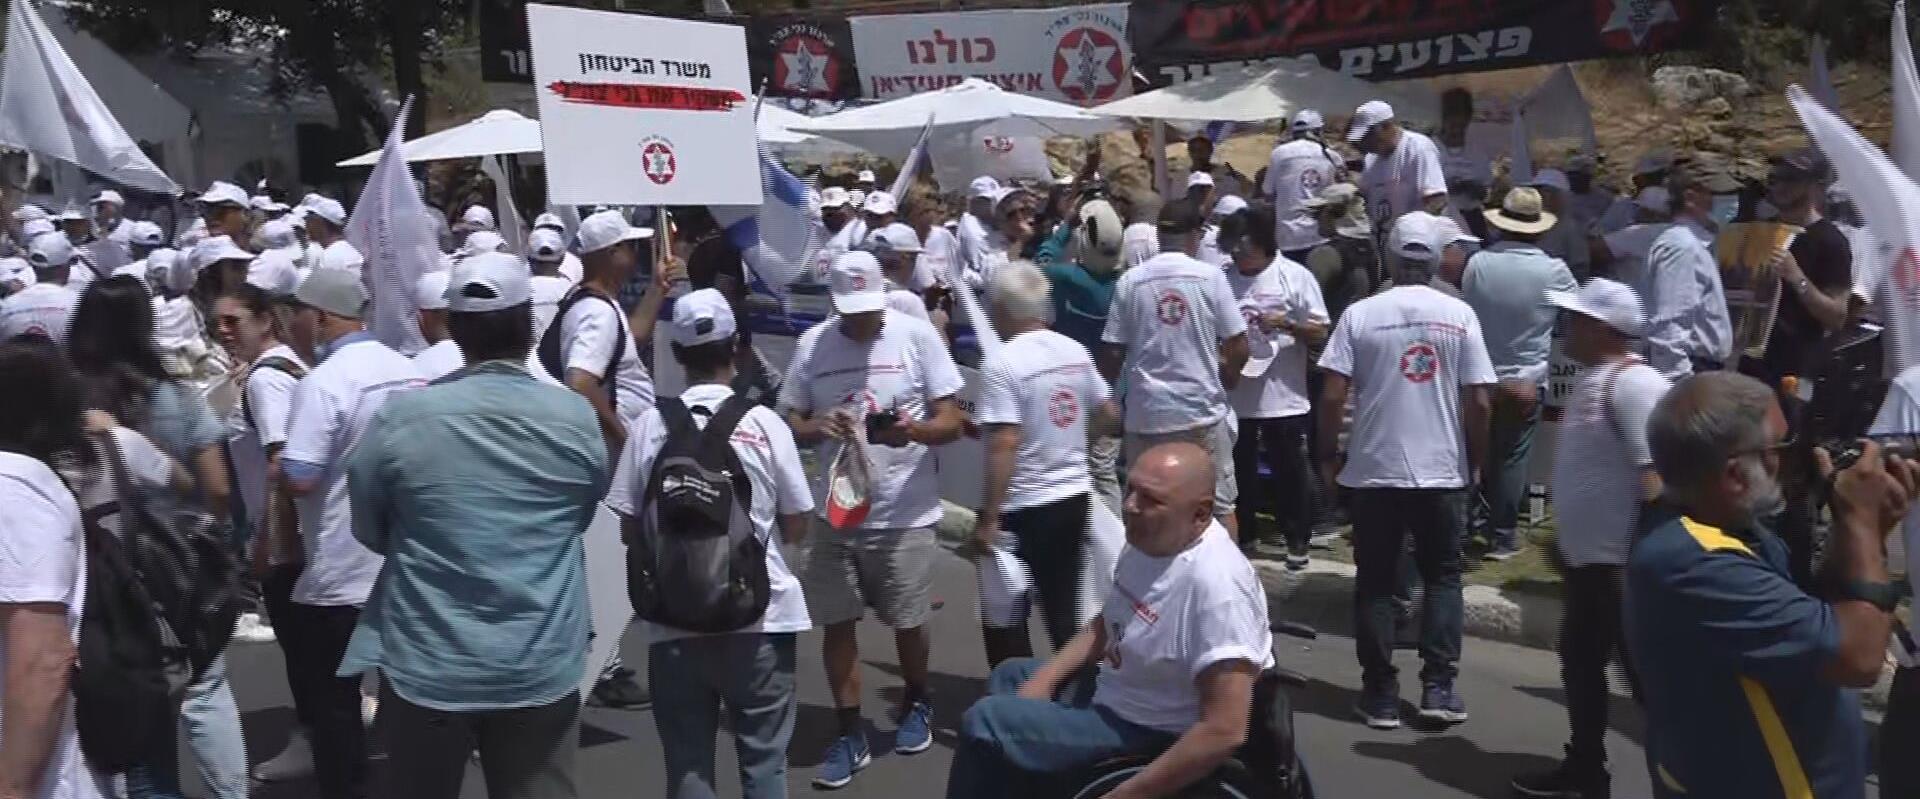 """הפגנת נכי צה""""ל מול הכנסת, 5.5.21"""